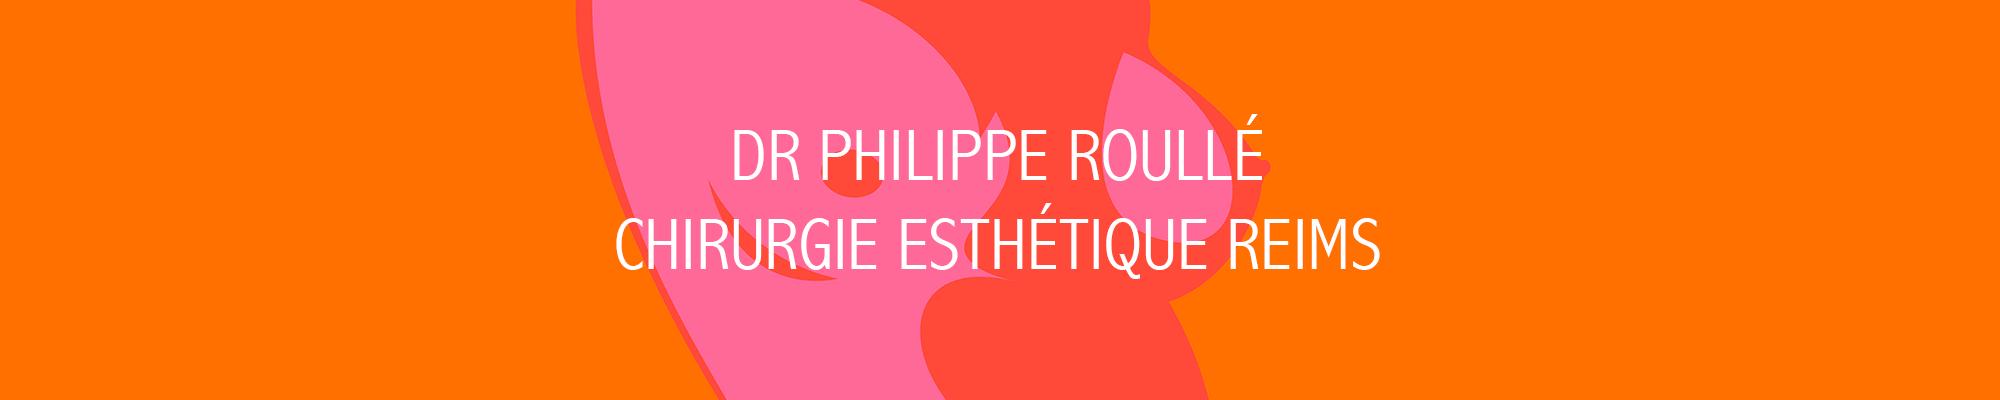 DR Philippe Roullé Chirurgie Esthétique Reims